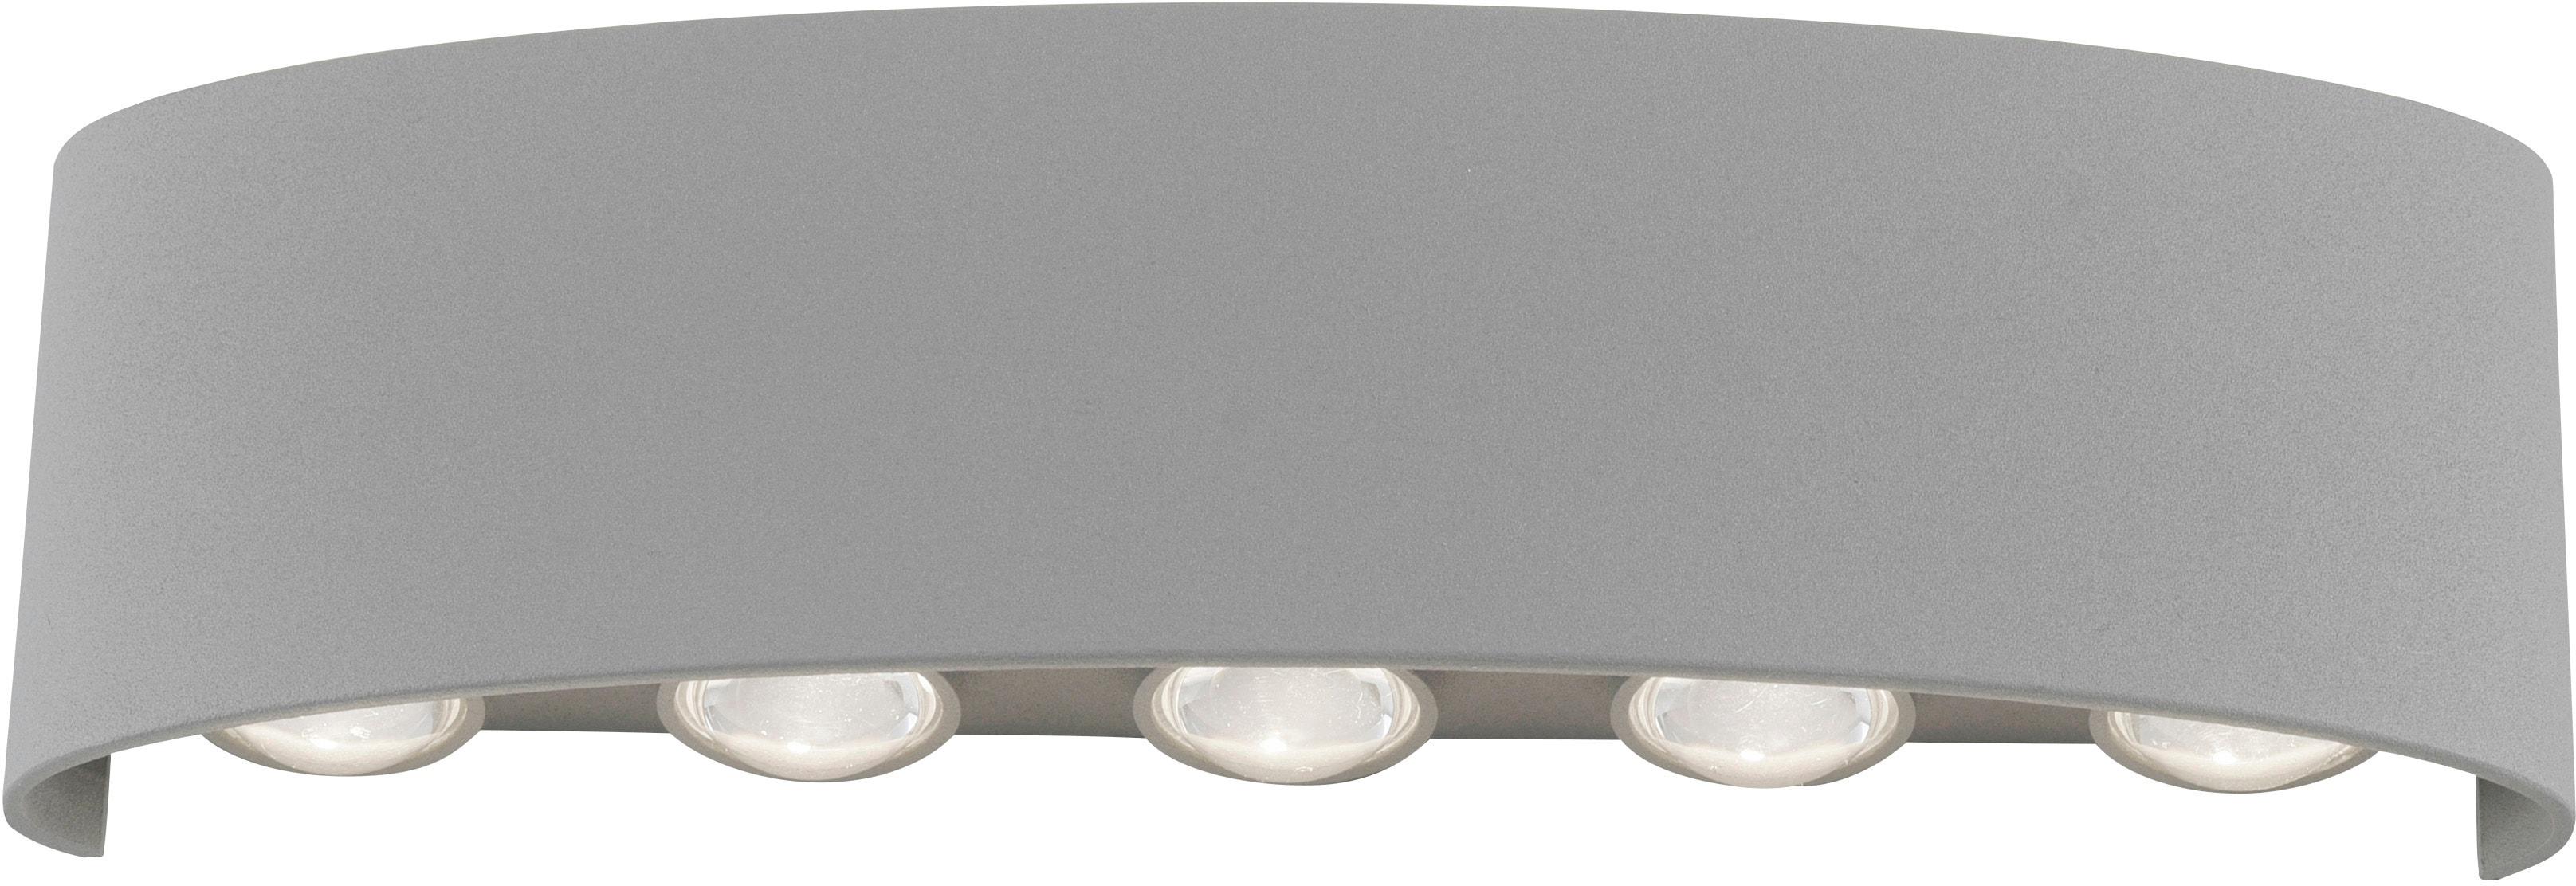 Paul Neuhaus LED Außen-Wandleuchte Carlo, LED-Board, 1 St., Warmweiß, Schutzart IP 54, Für Außen- und Innenbereich